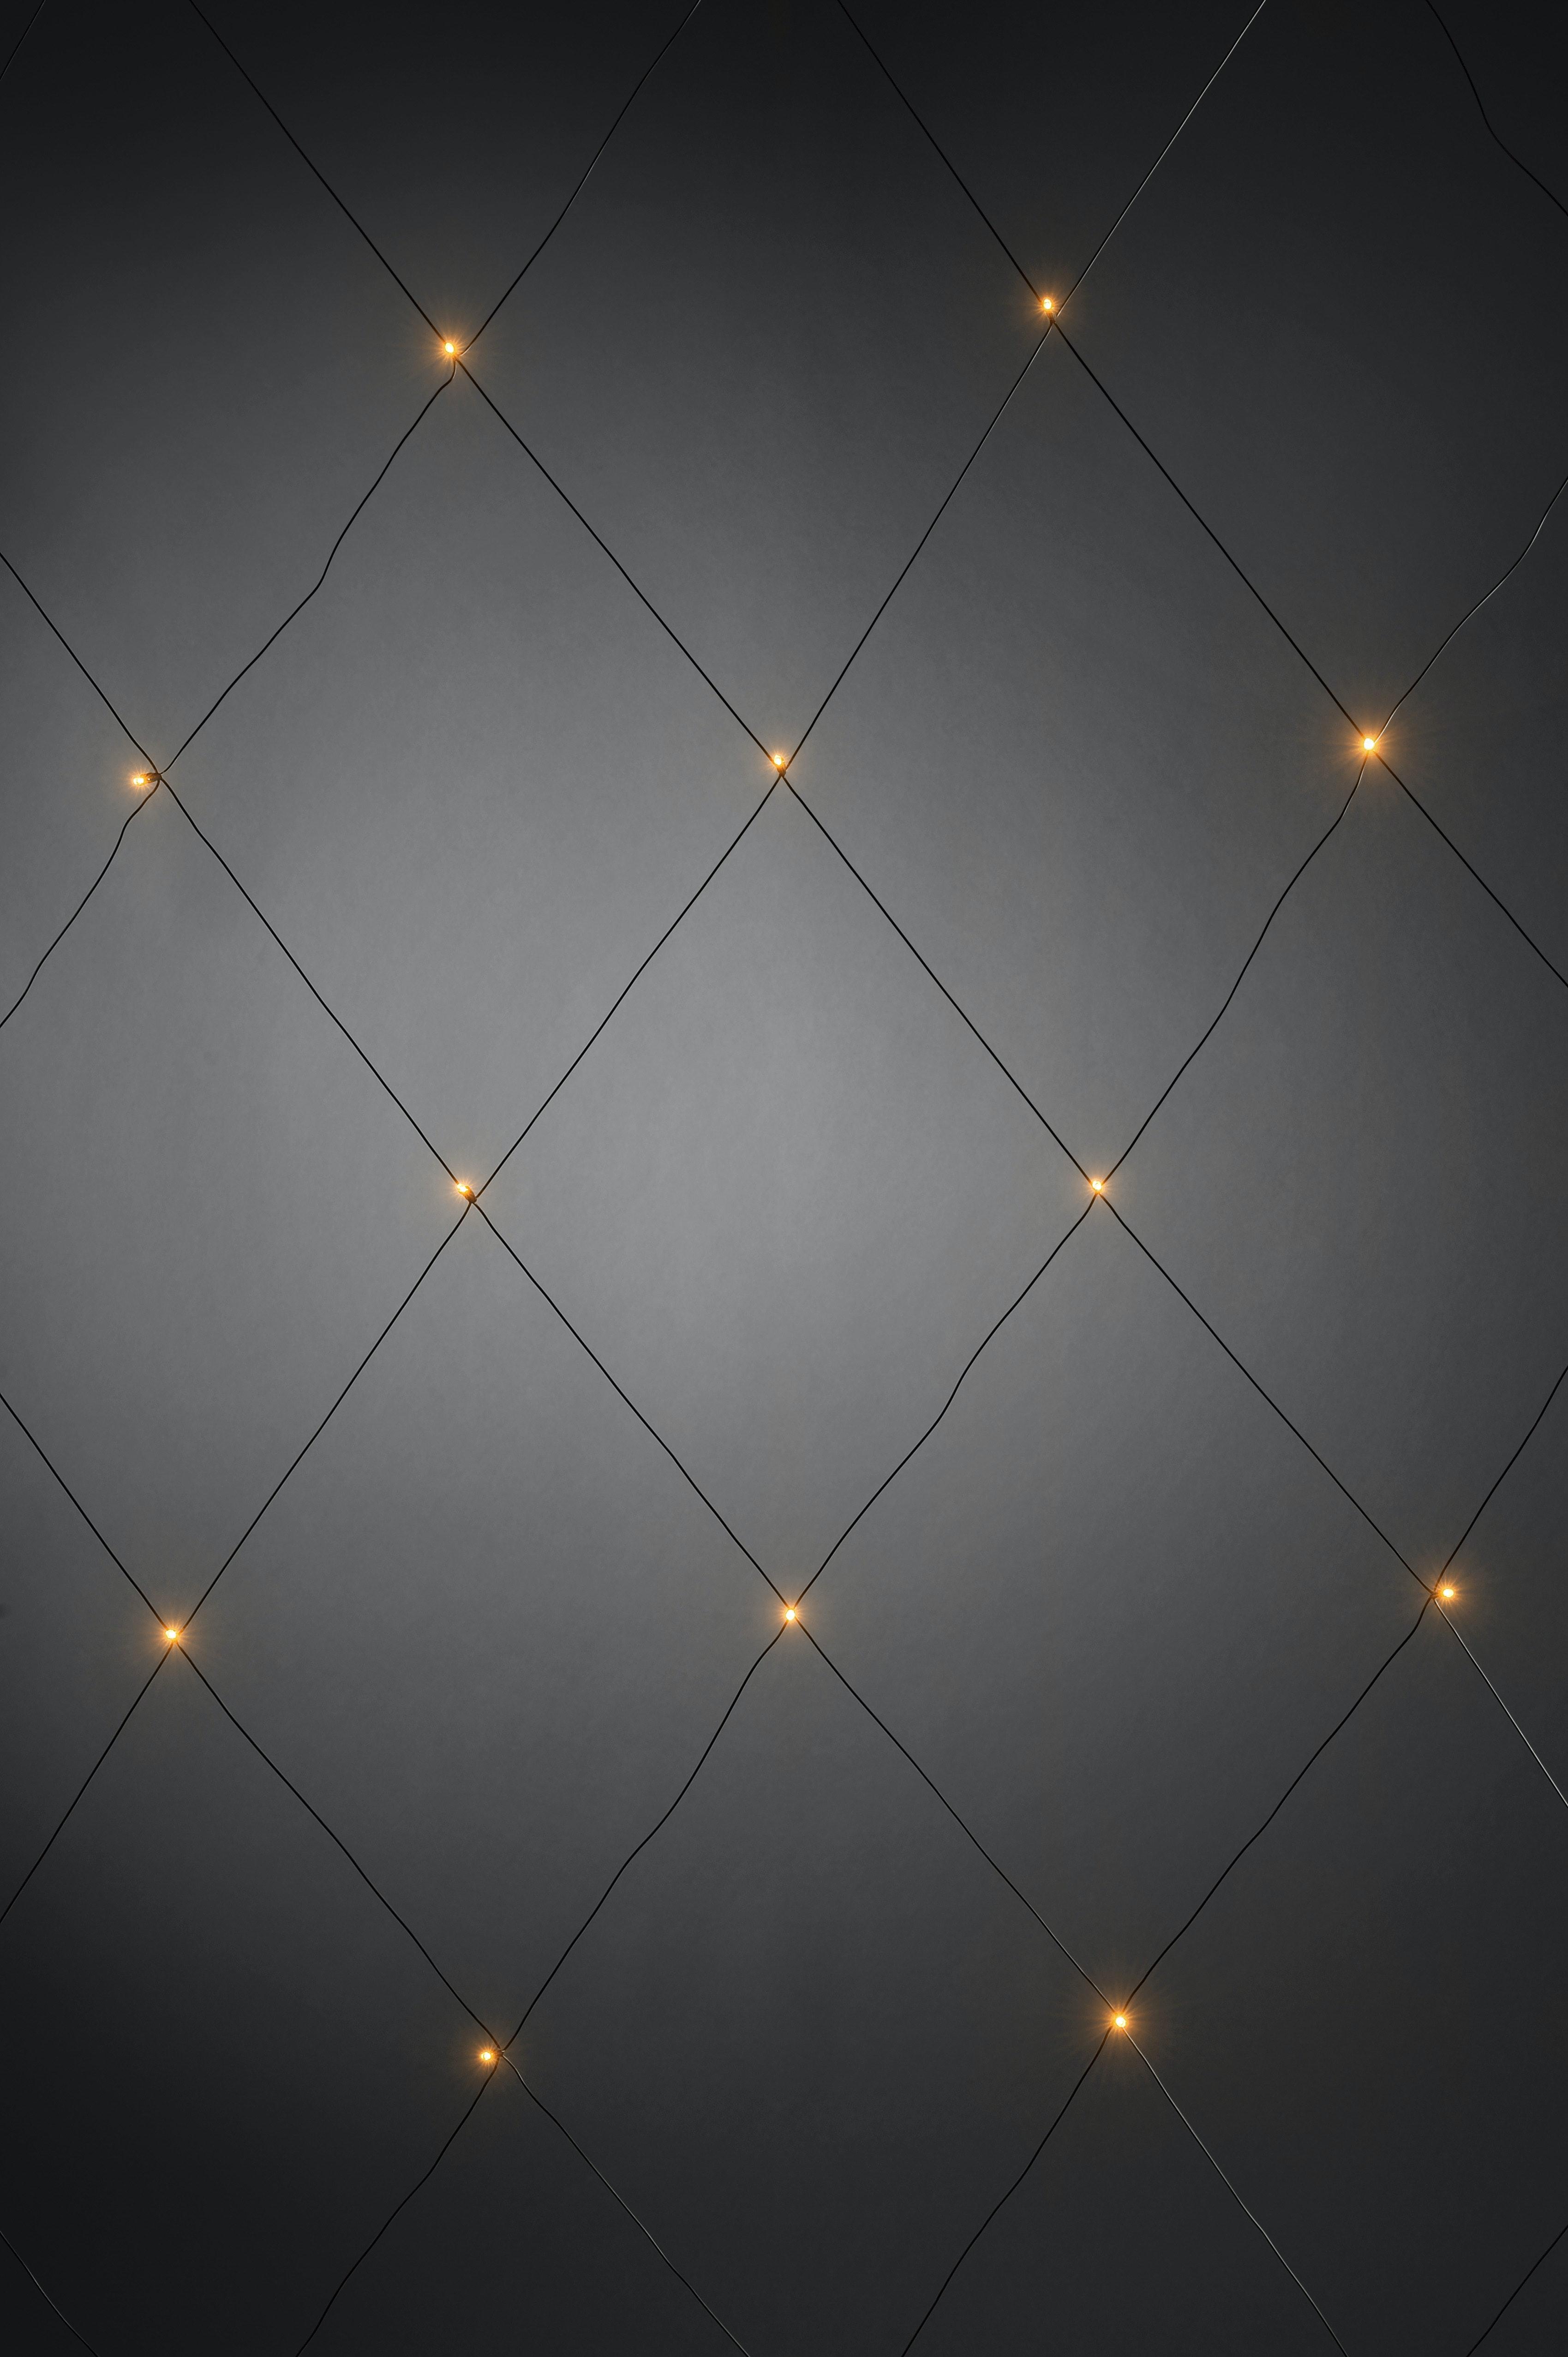 Ljusnät Konstsmide 96 Amber Led 3X3M Svart Kabel